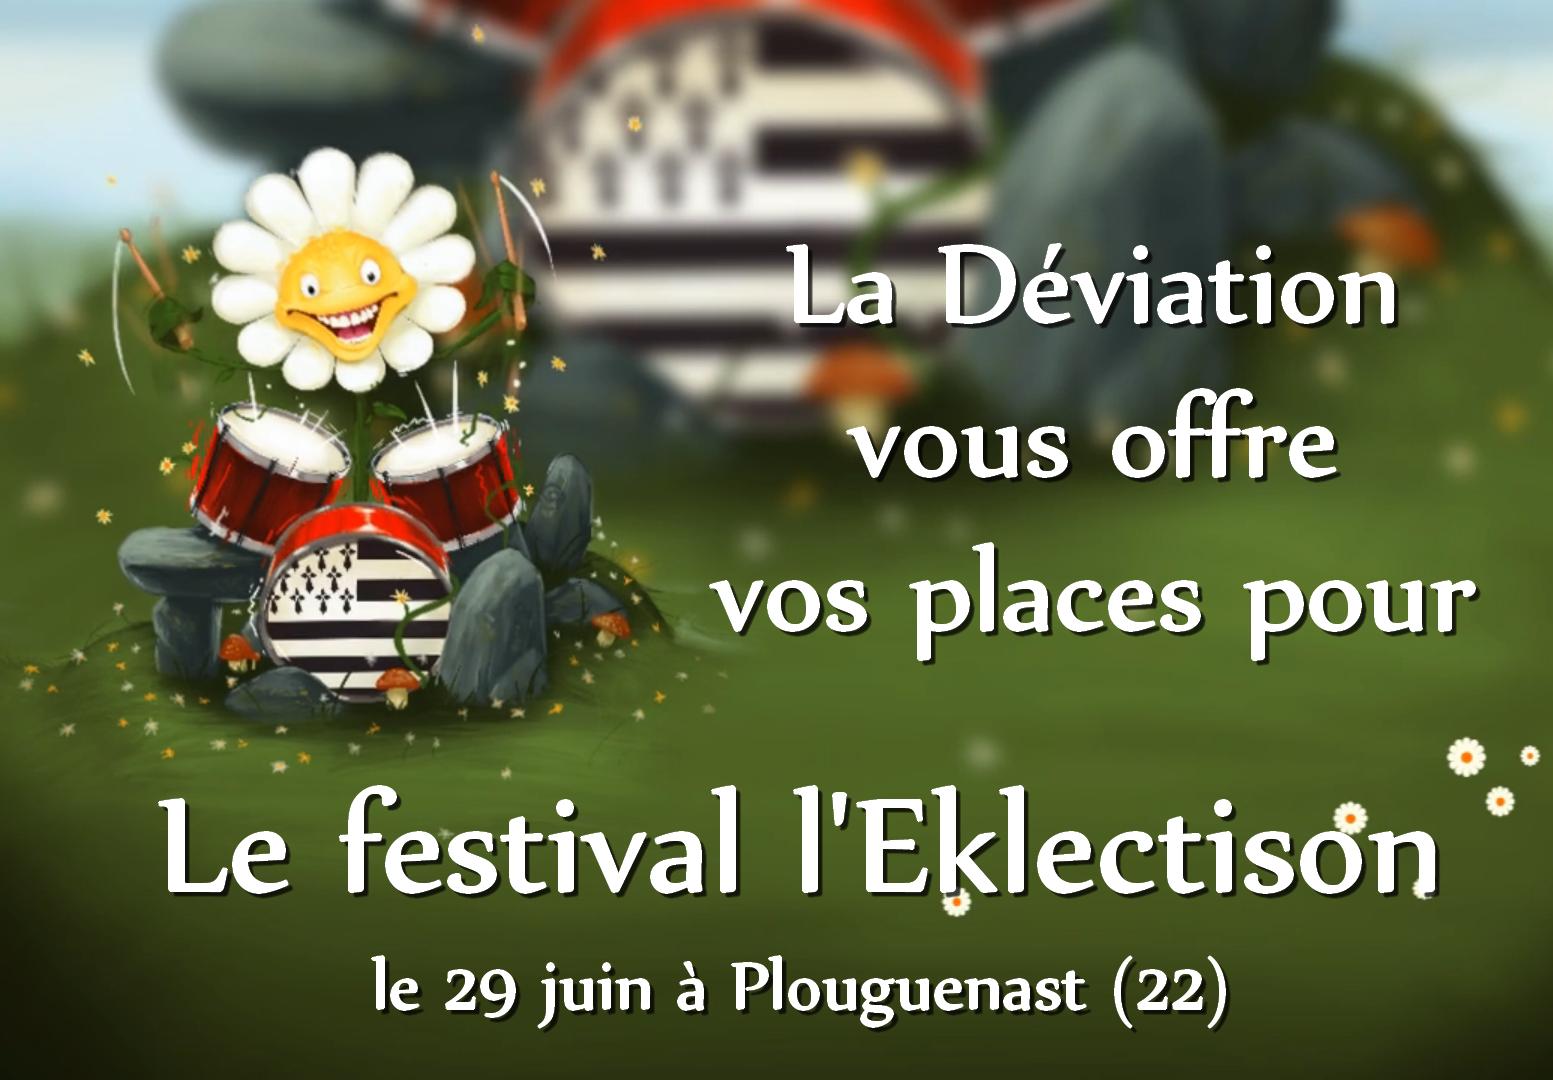 Concours : La Déviation offre des places pour l'Eklectison